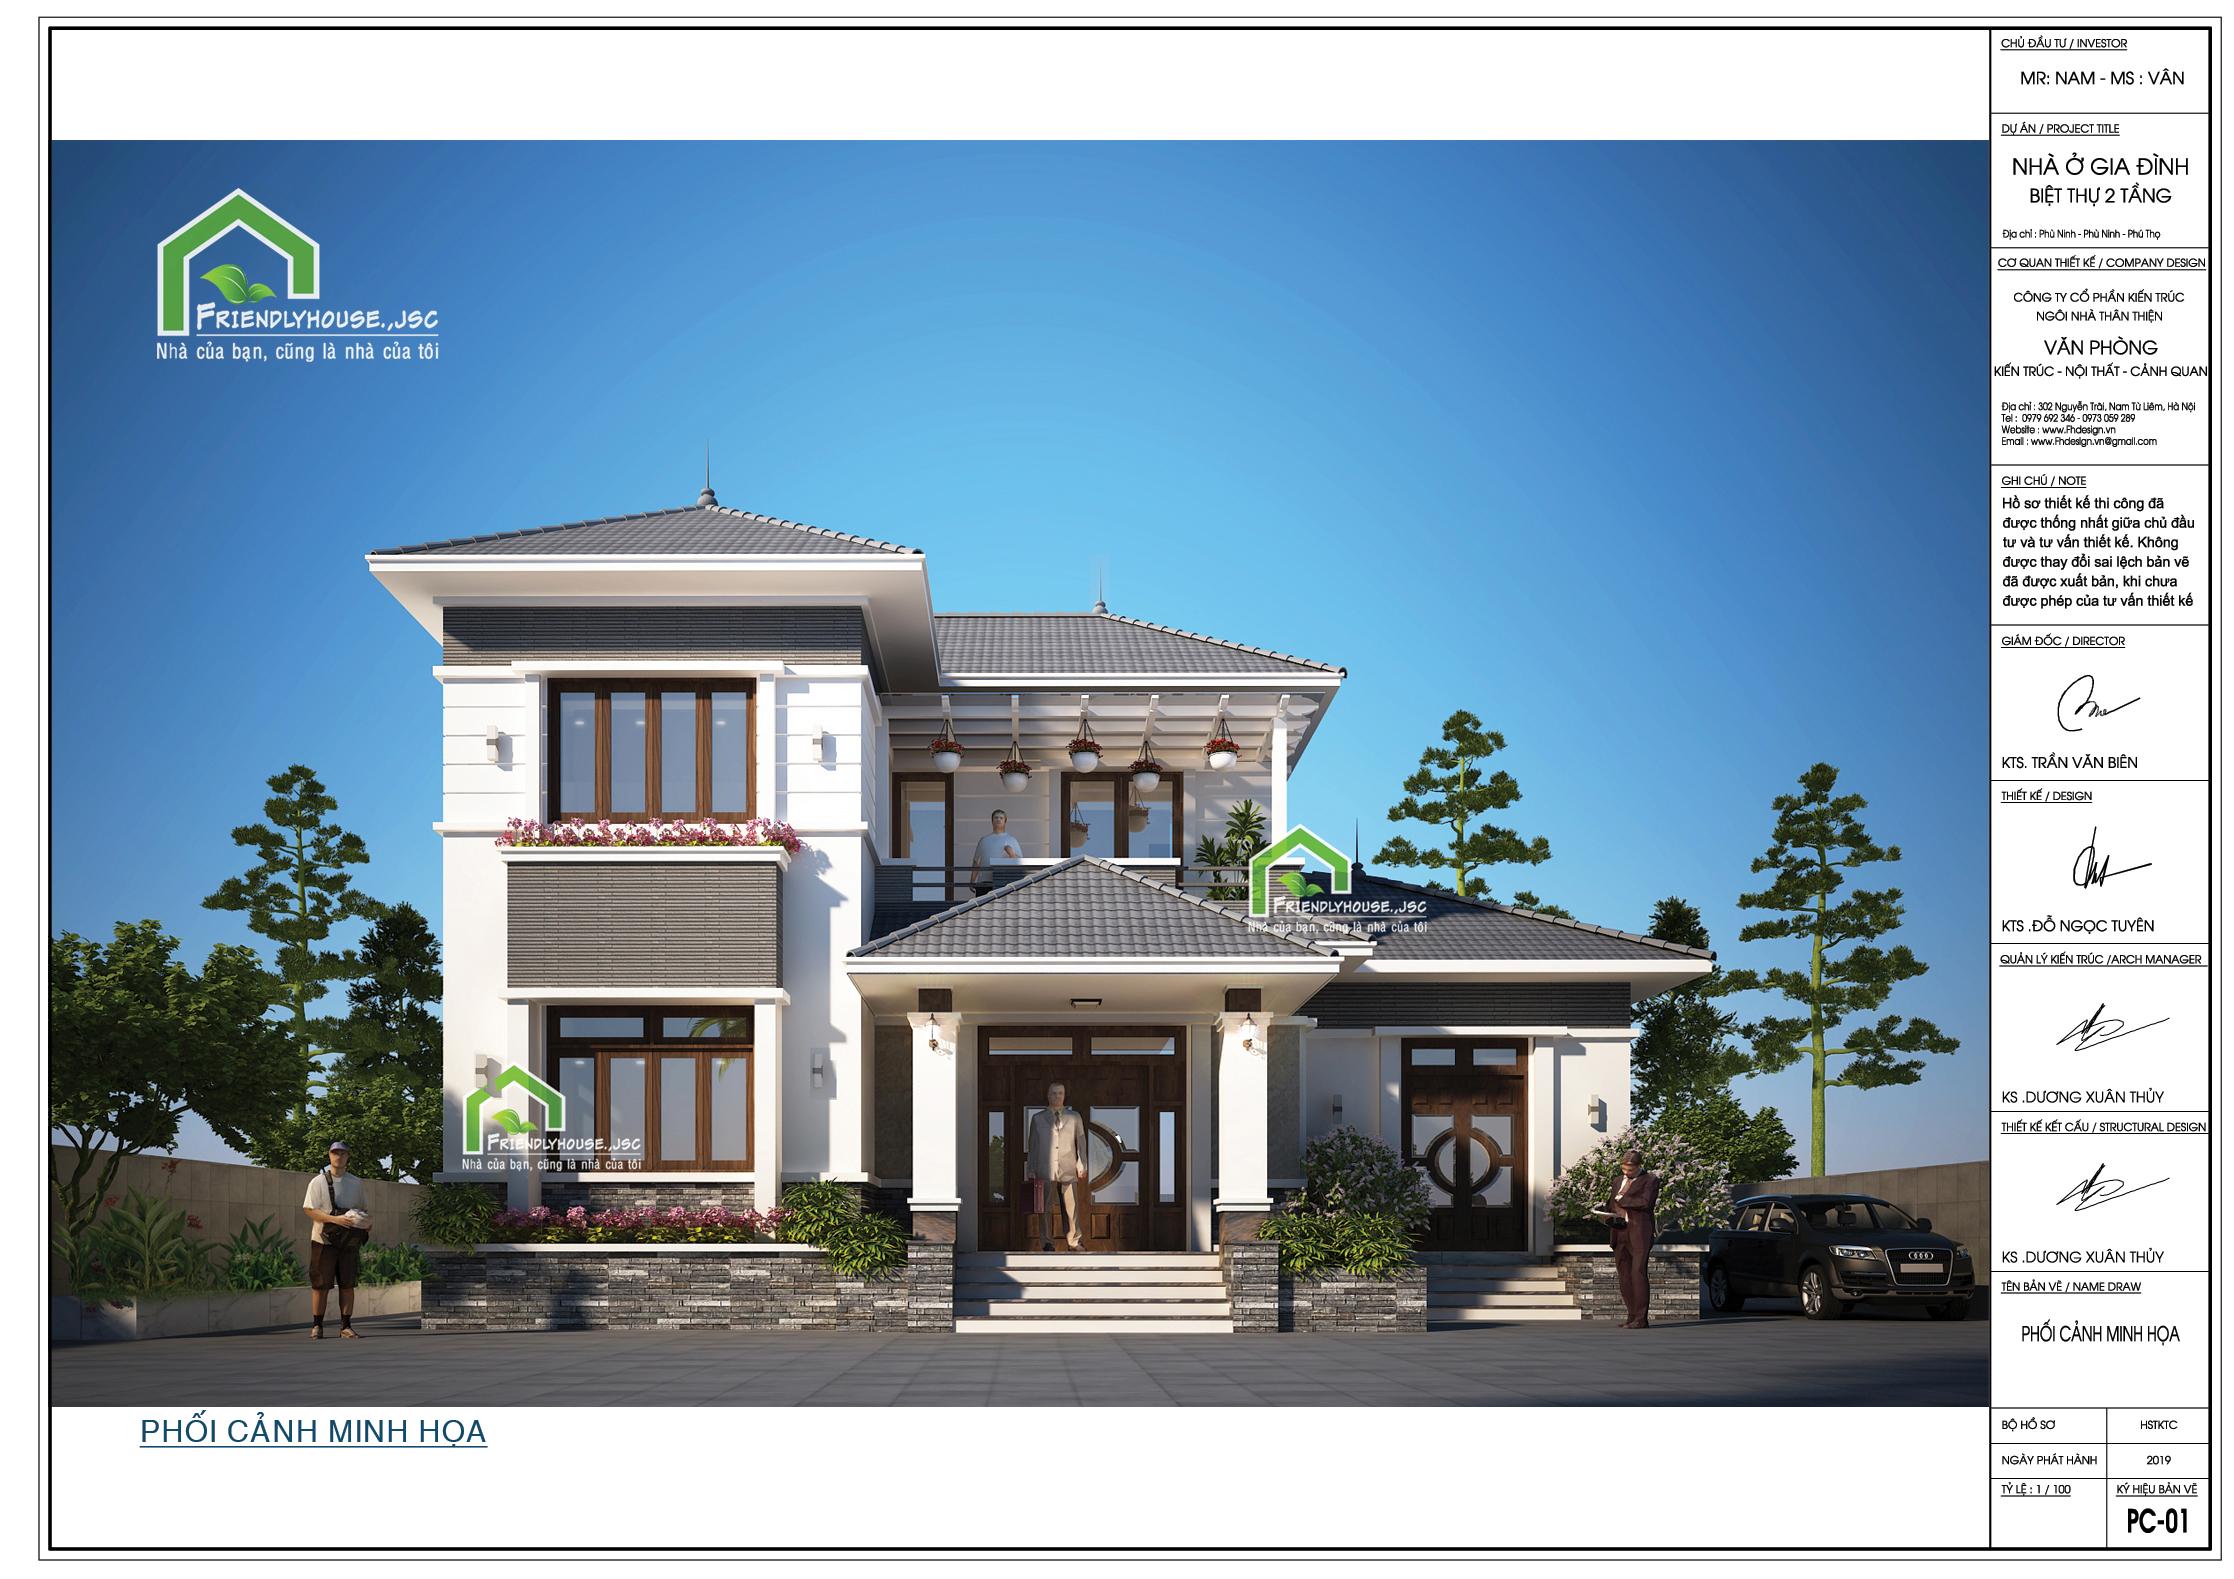 thiết kế Biệt Thự 2 tầng tại Phú Thọ Thiết kế biệt thự 2 tầng tại Phú Thọ 0 1564398697